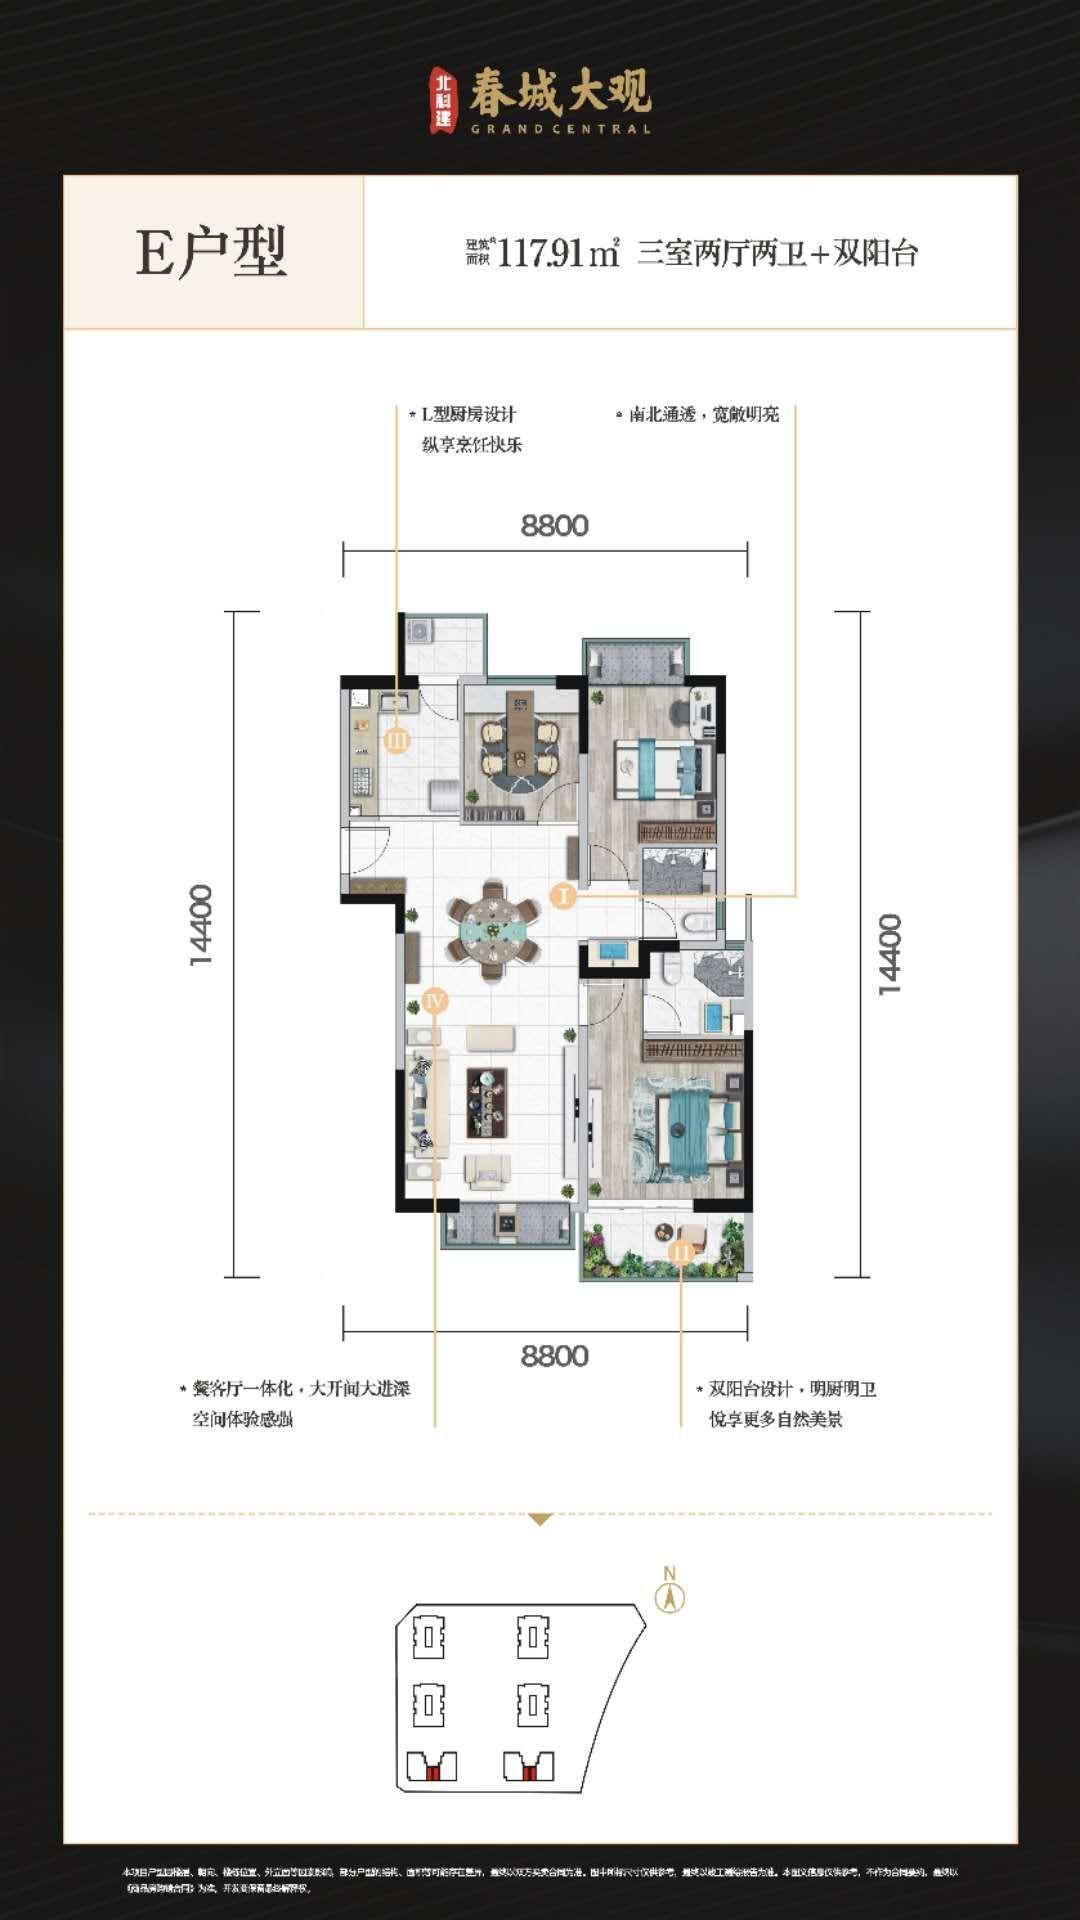 E户型 3室2厅2卫 建面117.91㎡